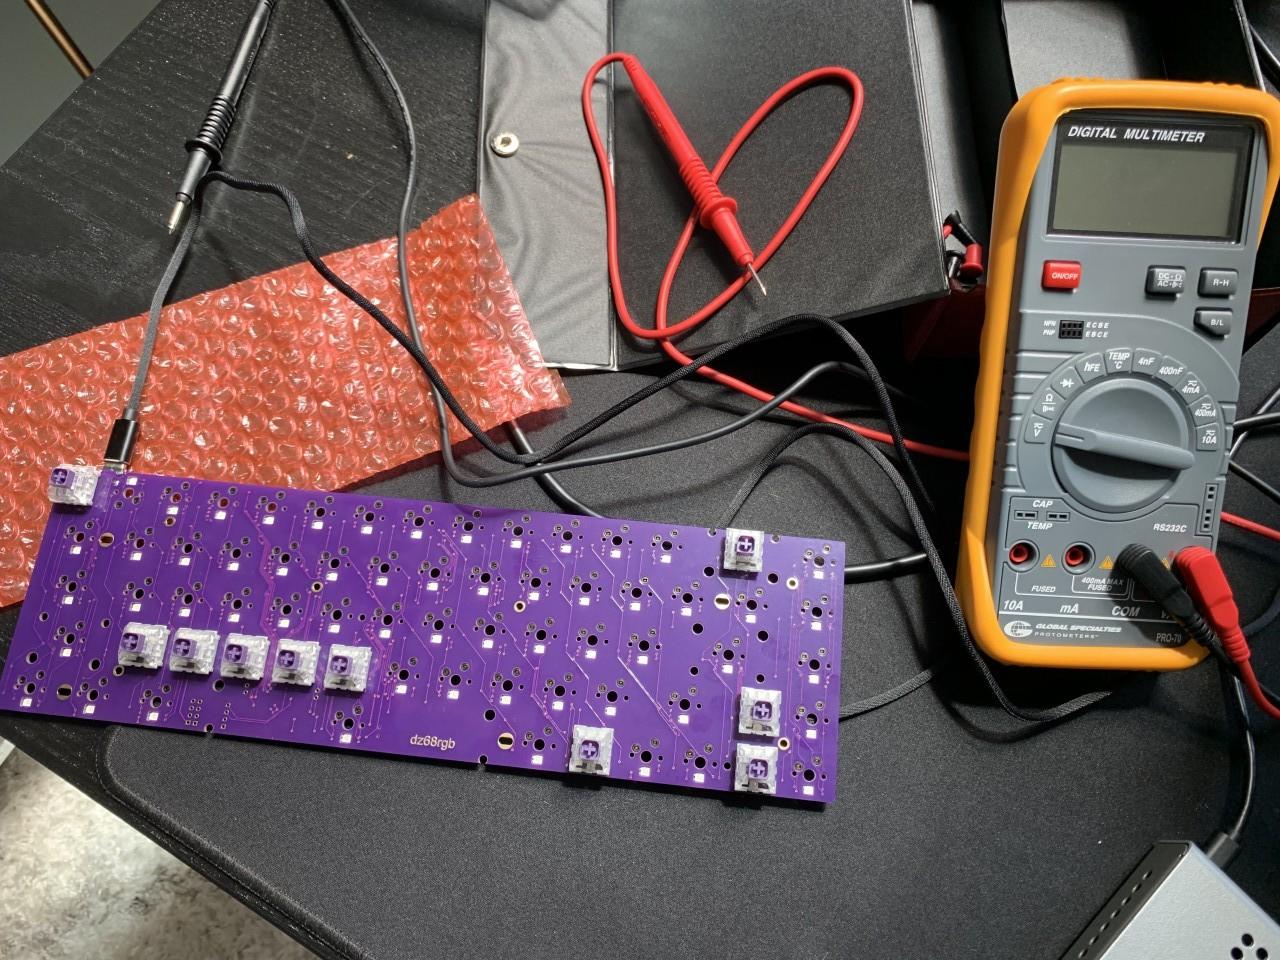 Multimeter for testing